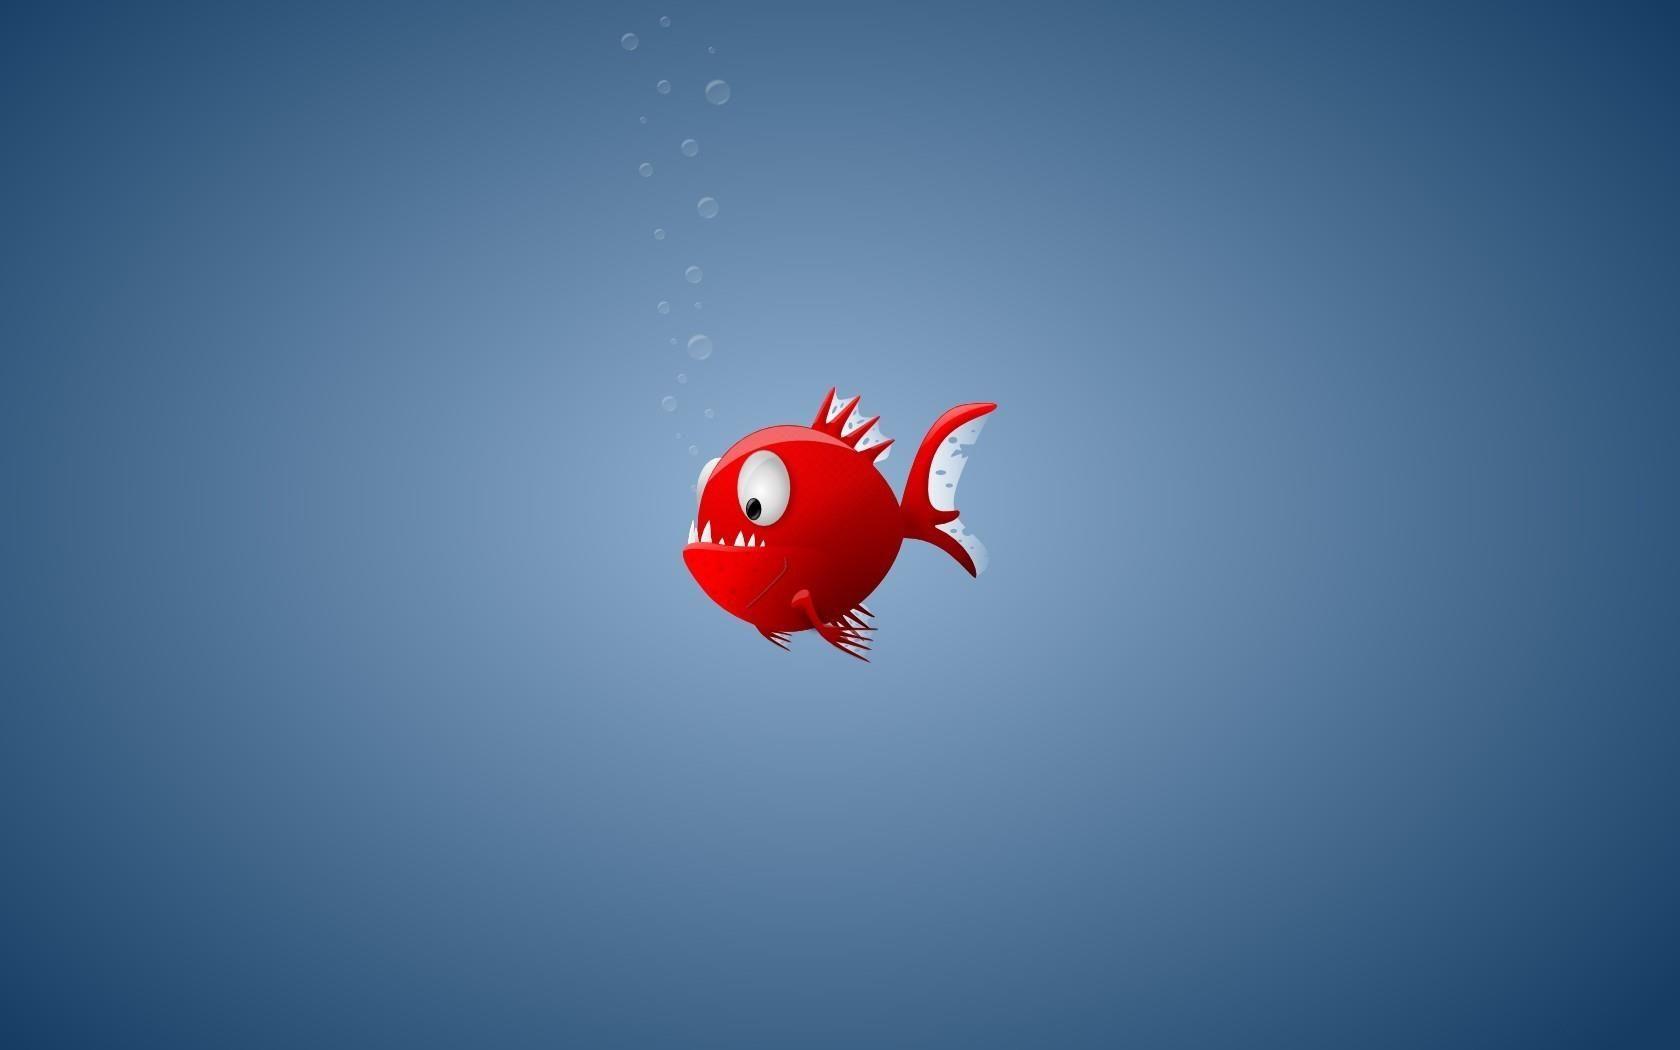 Fonds D Ecran Pour Tablette Tactile Telecharger Fonds D Ecran Gratuits By Unesourisetmoi Cartoon Wallpaper Hd Fish Wallpaper Koi Fish Wallpaper